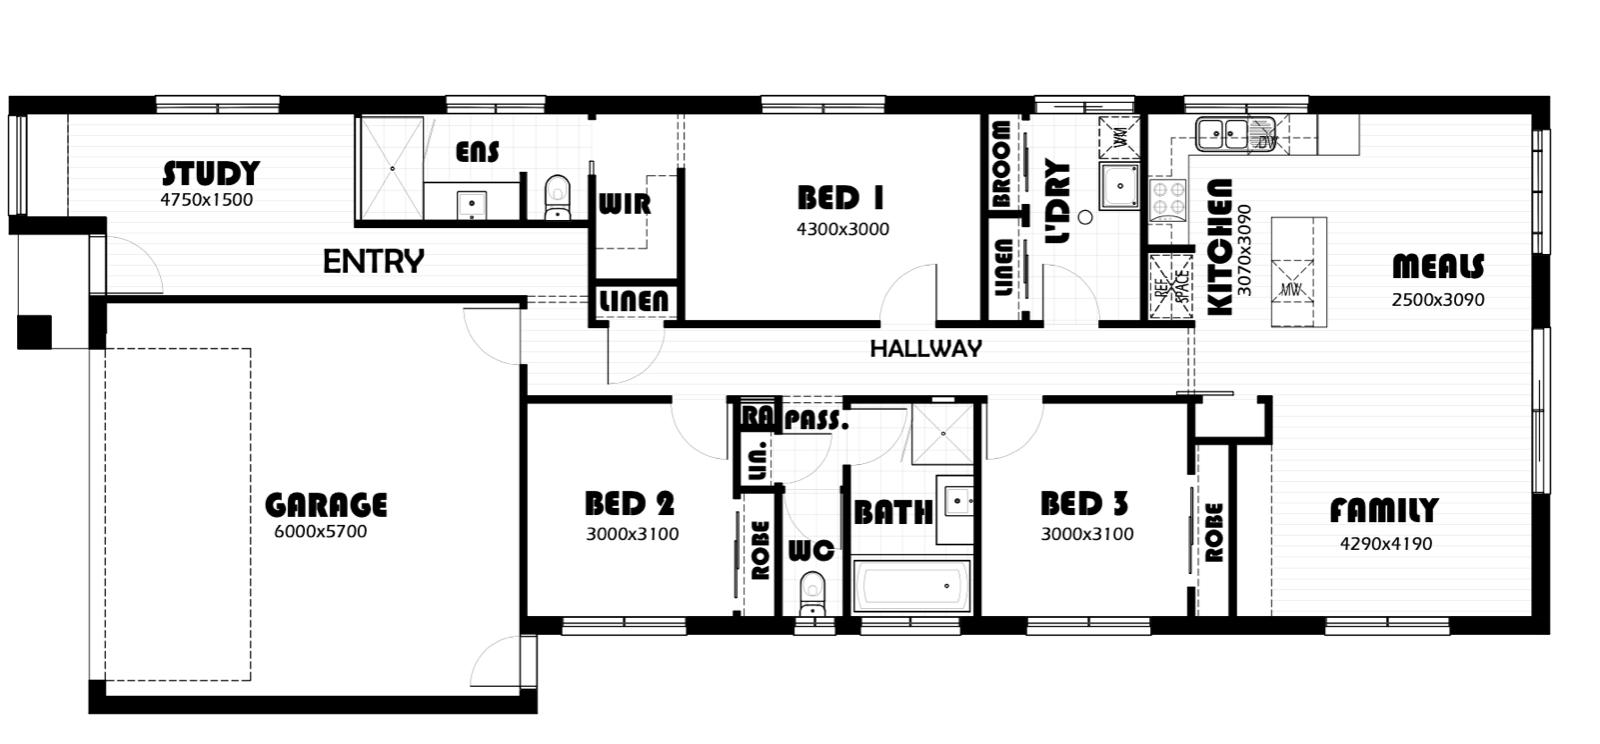 Help with window/door height for 2740 ceiling!